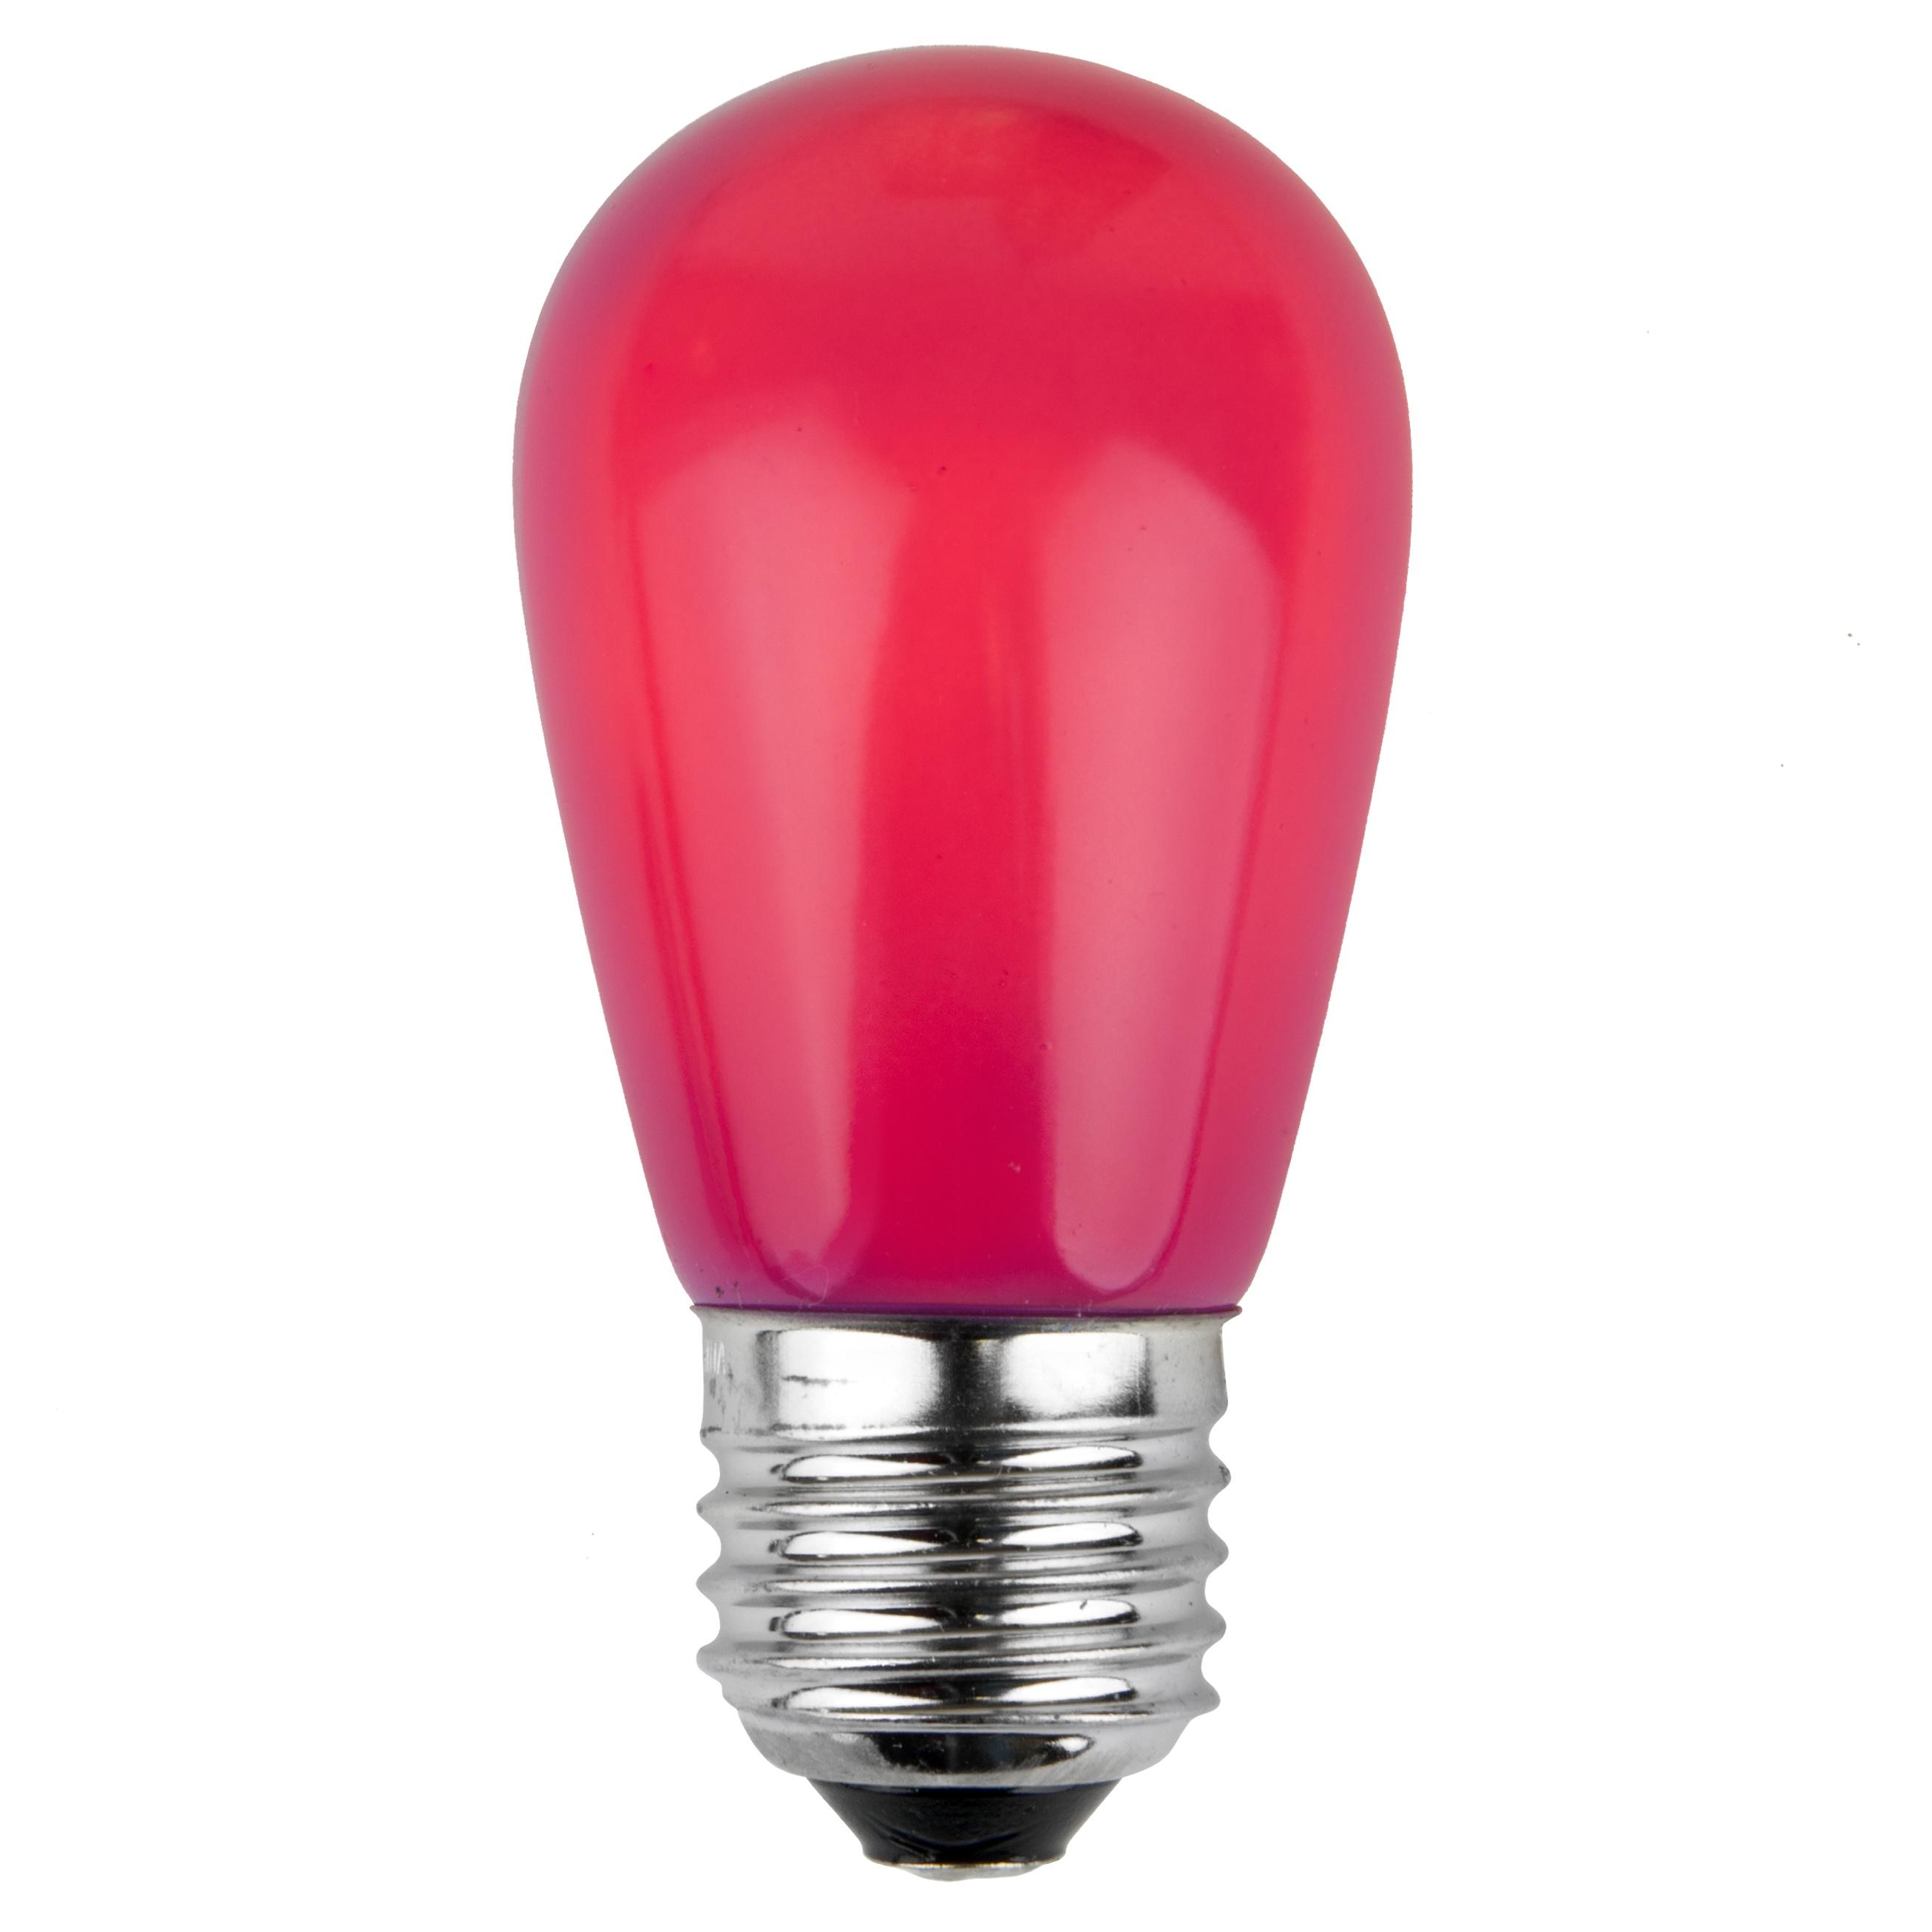 Christmas Lights S14 Opaque Pink 11 Watt Replacement Bulbs